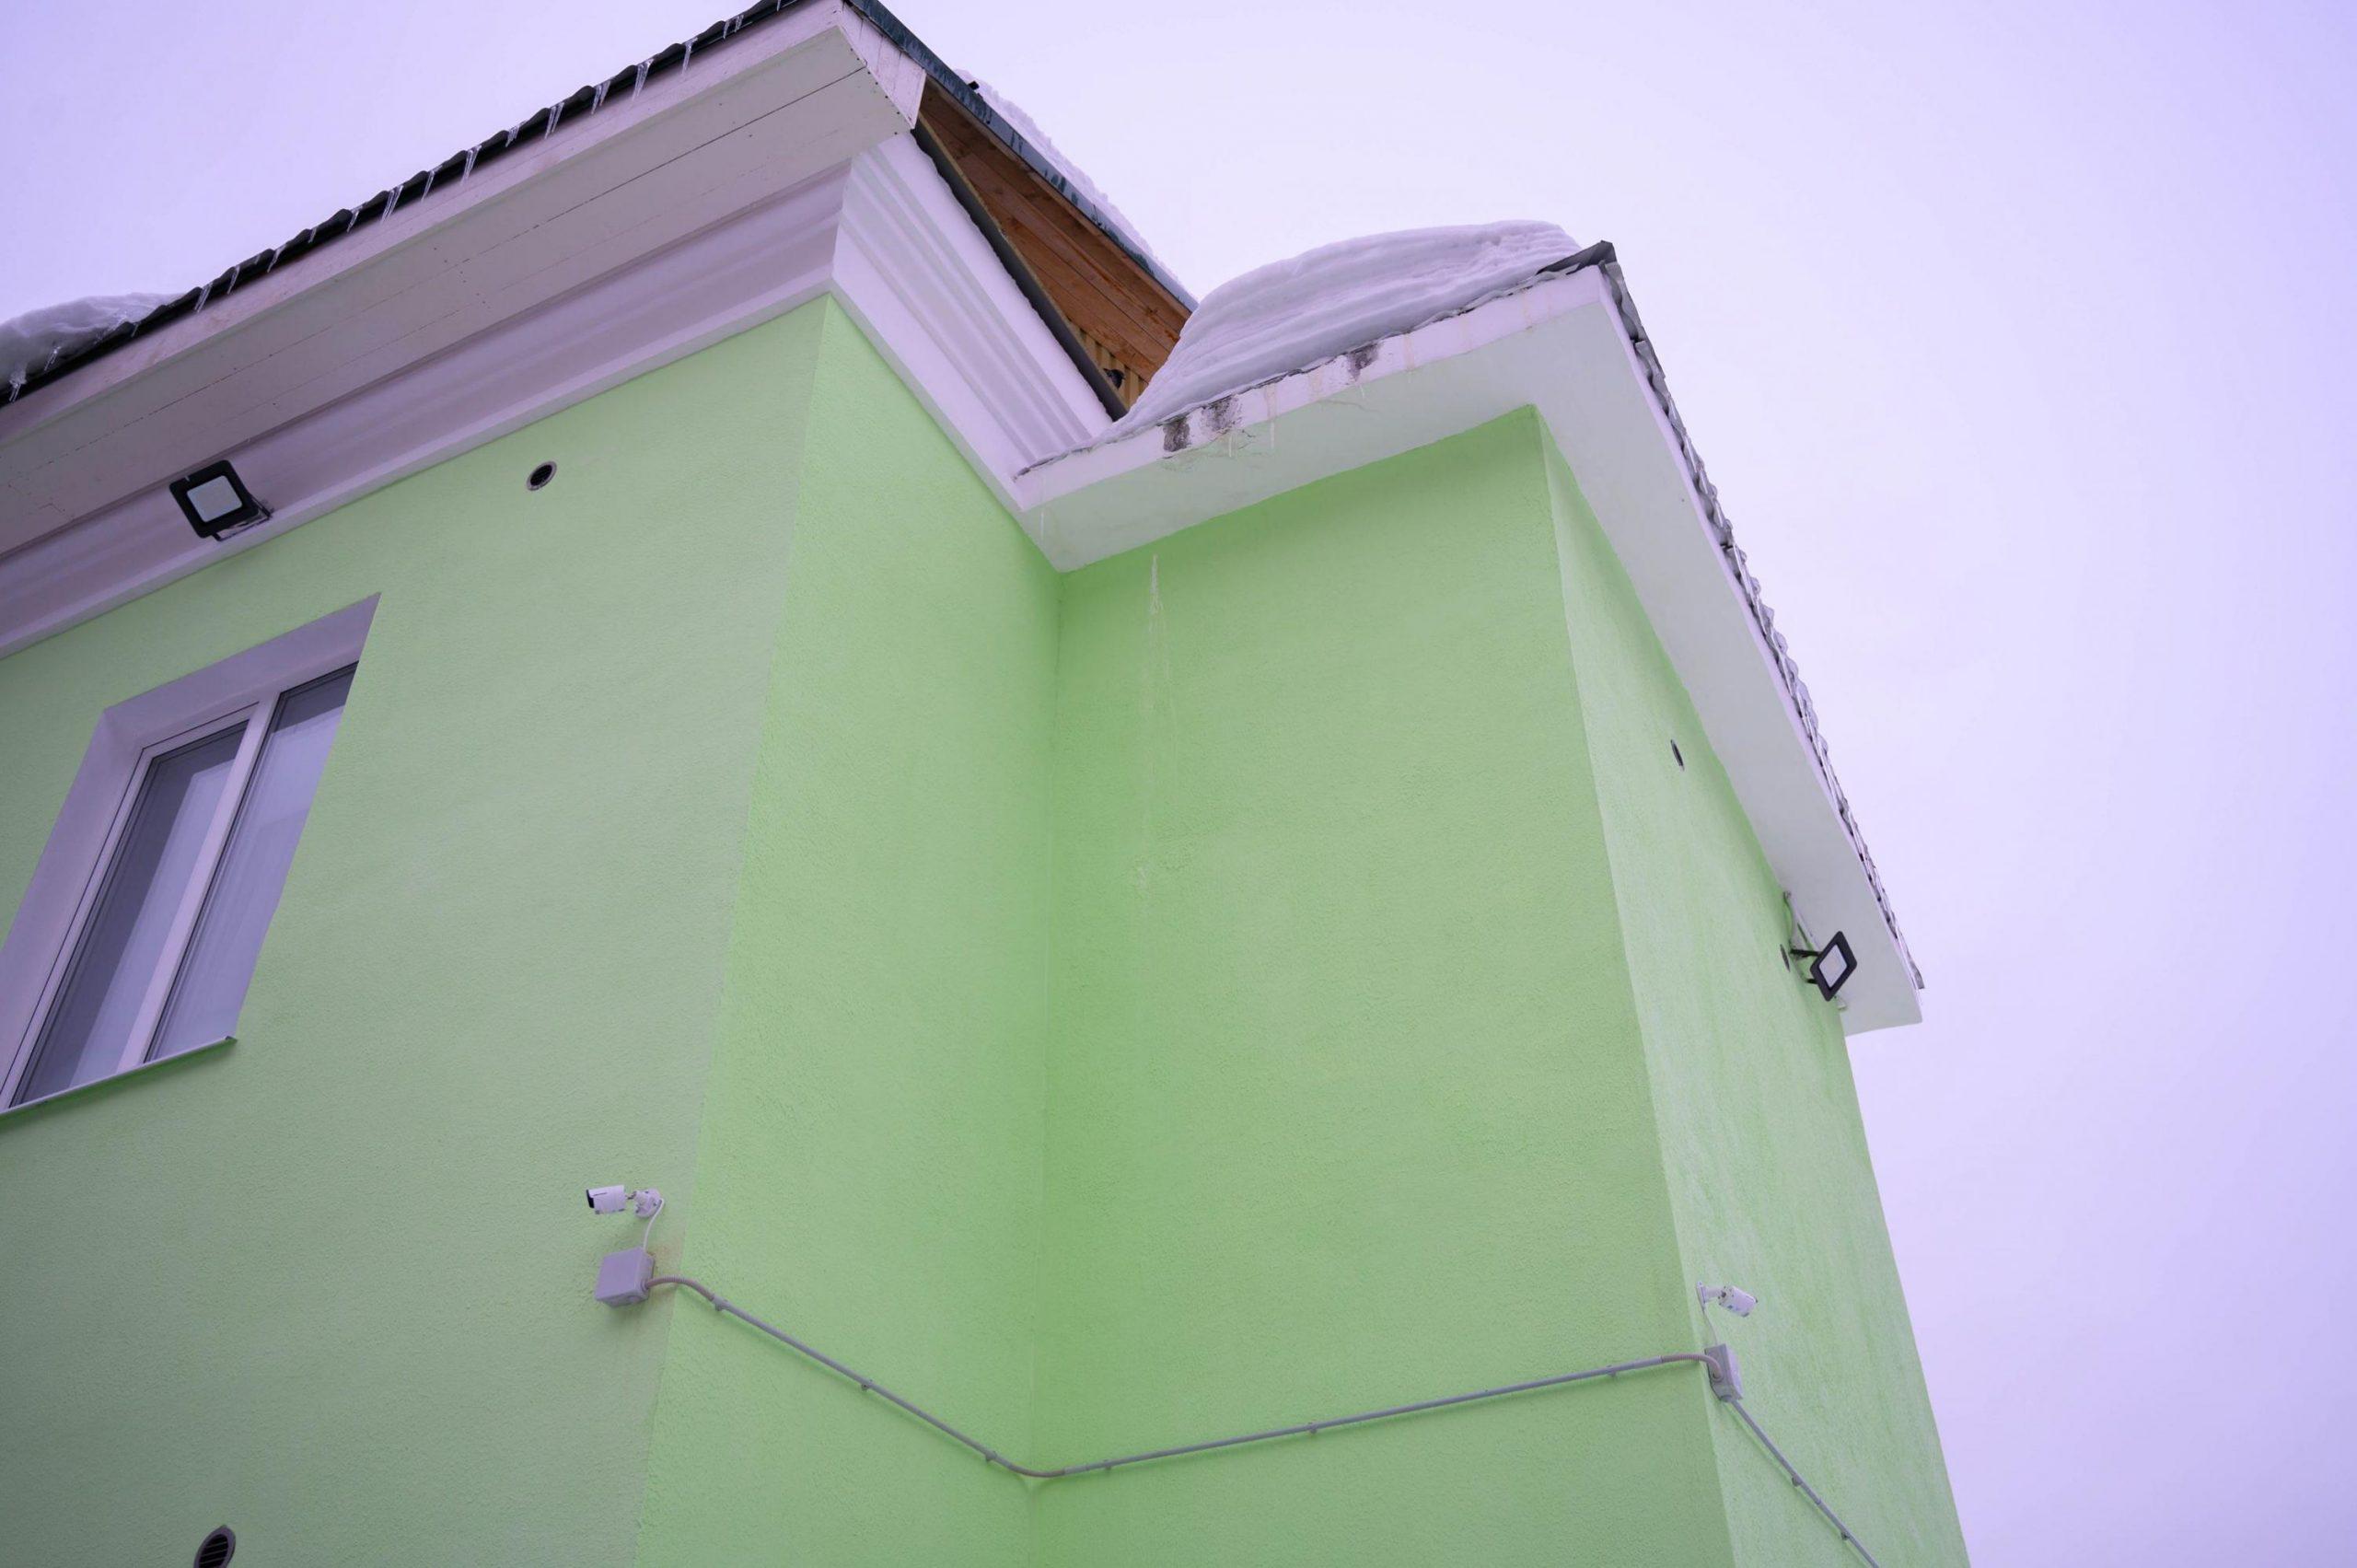 Первый умный дом с сервисом «Ростелеком Ключ» появился в Мурманске 1